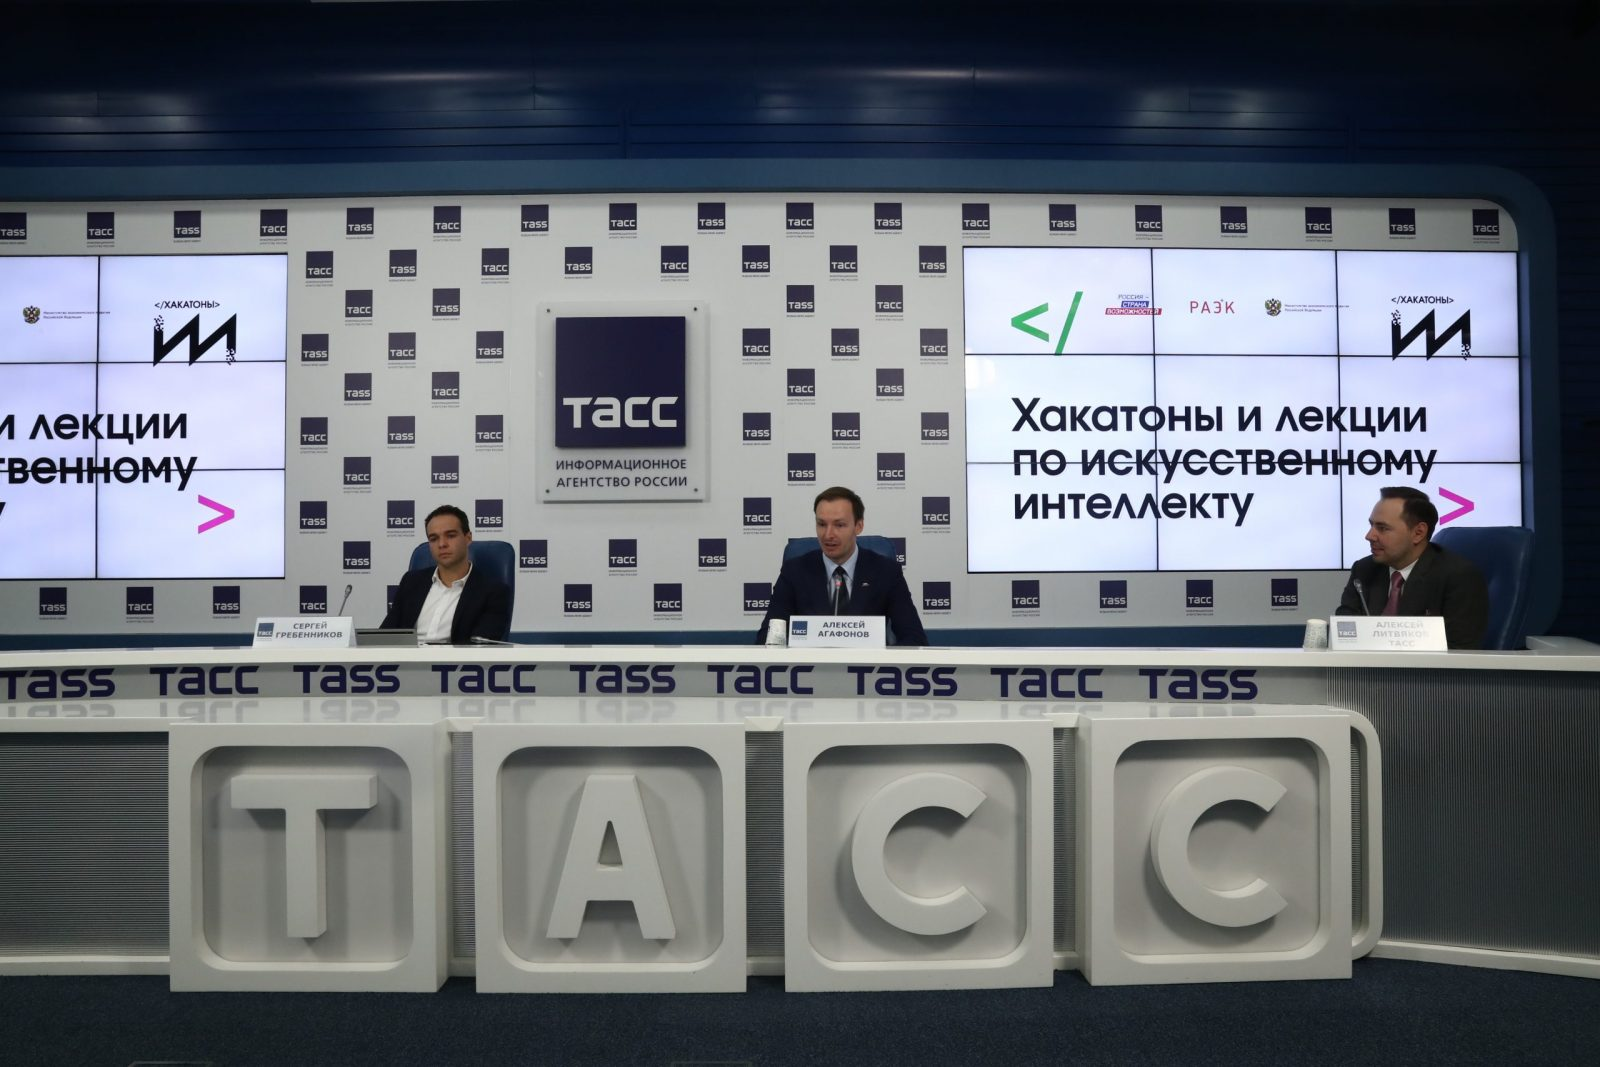 Первый региональный хакатон в области ИИ пройдёт в июне в Нижнем Новгороде